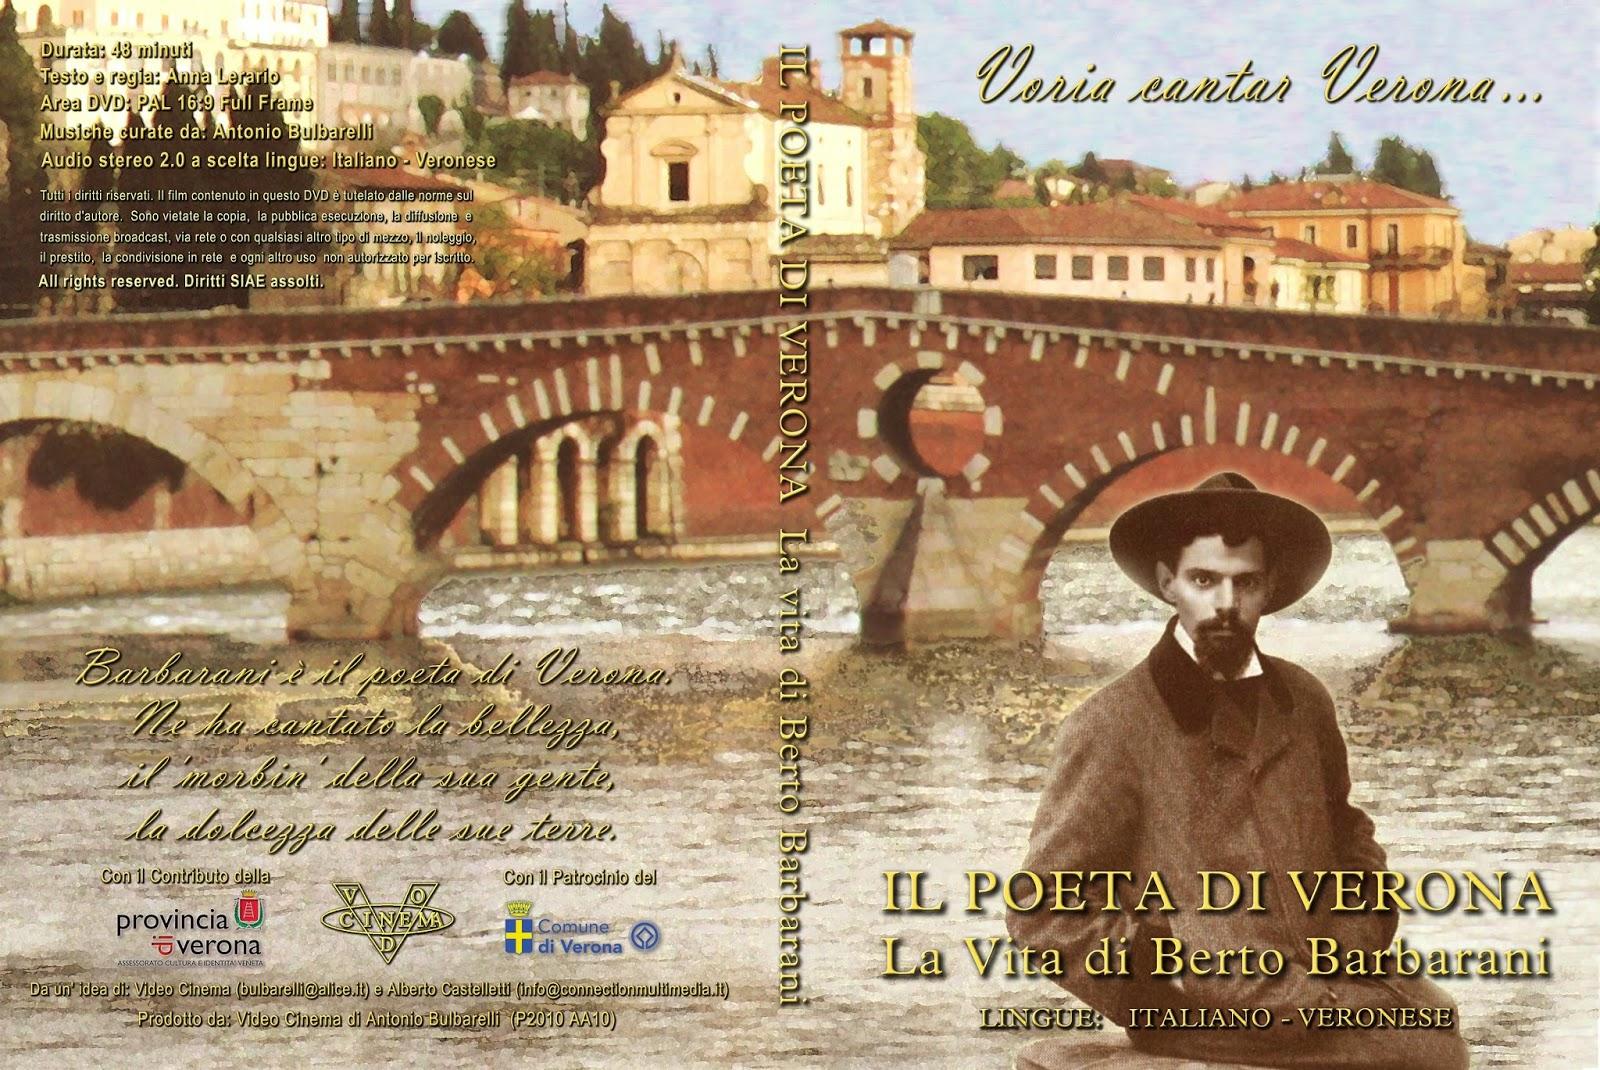 ... Civica di Verona in Via Cappello sarà organizzato un evento per  commemorare il 70°anniversario della morte del celebre poeta veronese Berto  Barbarani. eb3efd633333